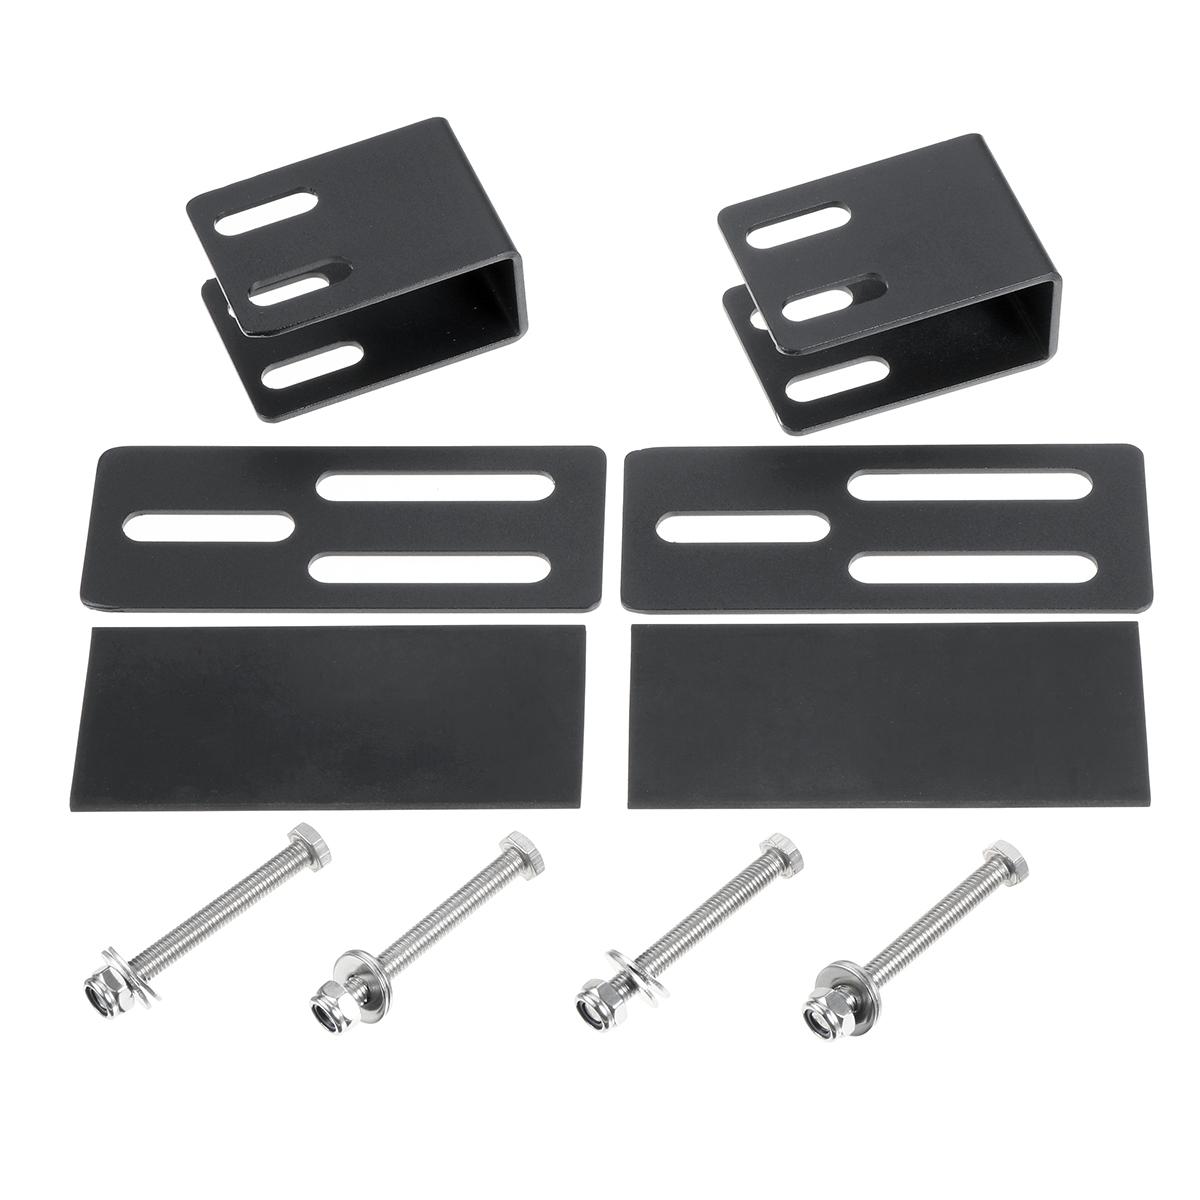 2x Car SUV Roof Rack Light Bracket Holder Bumper Mounting Kit for Work Light Bar